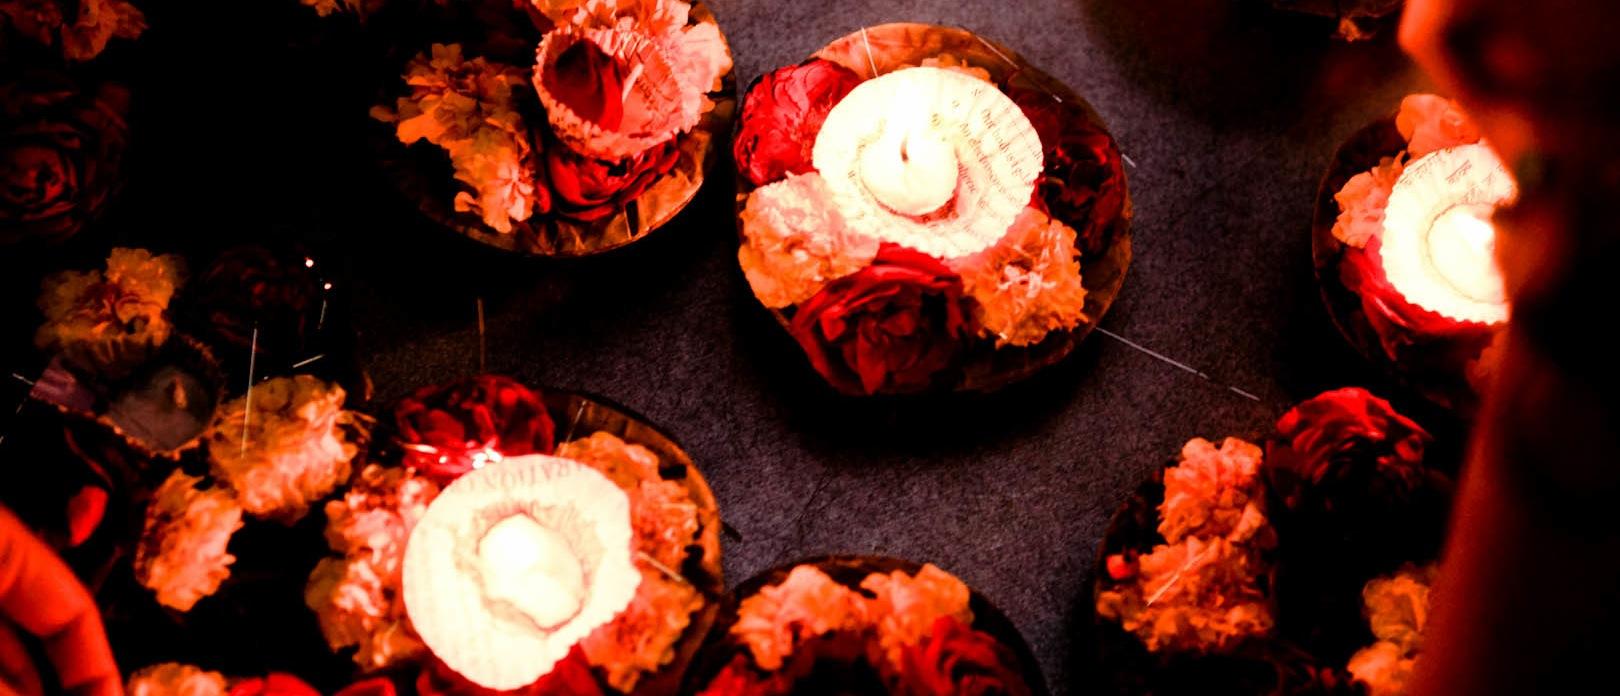 Crematorium Candles